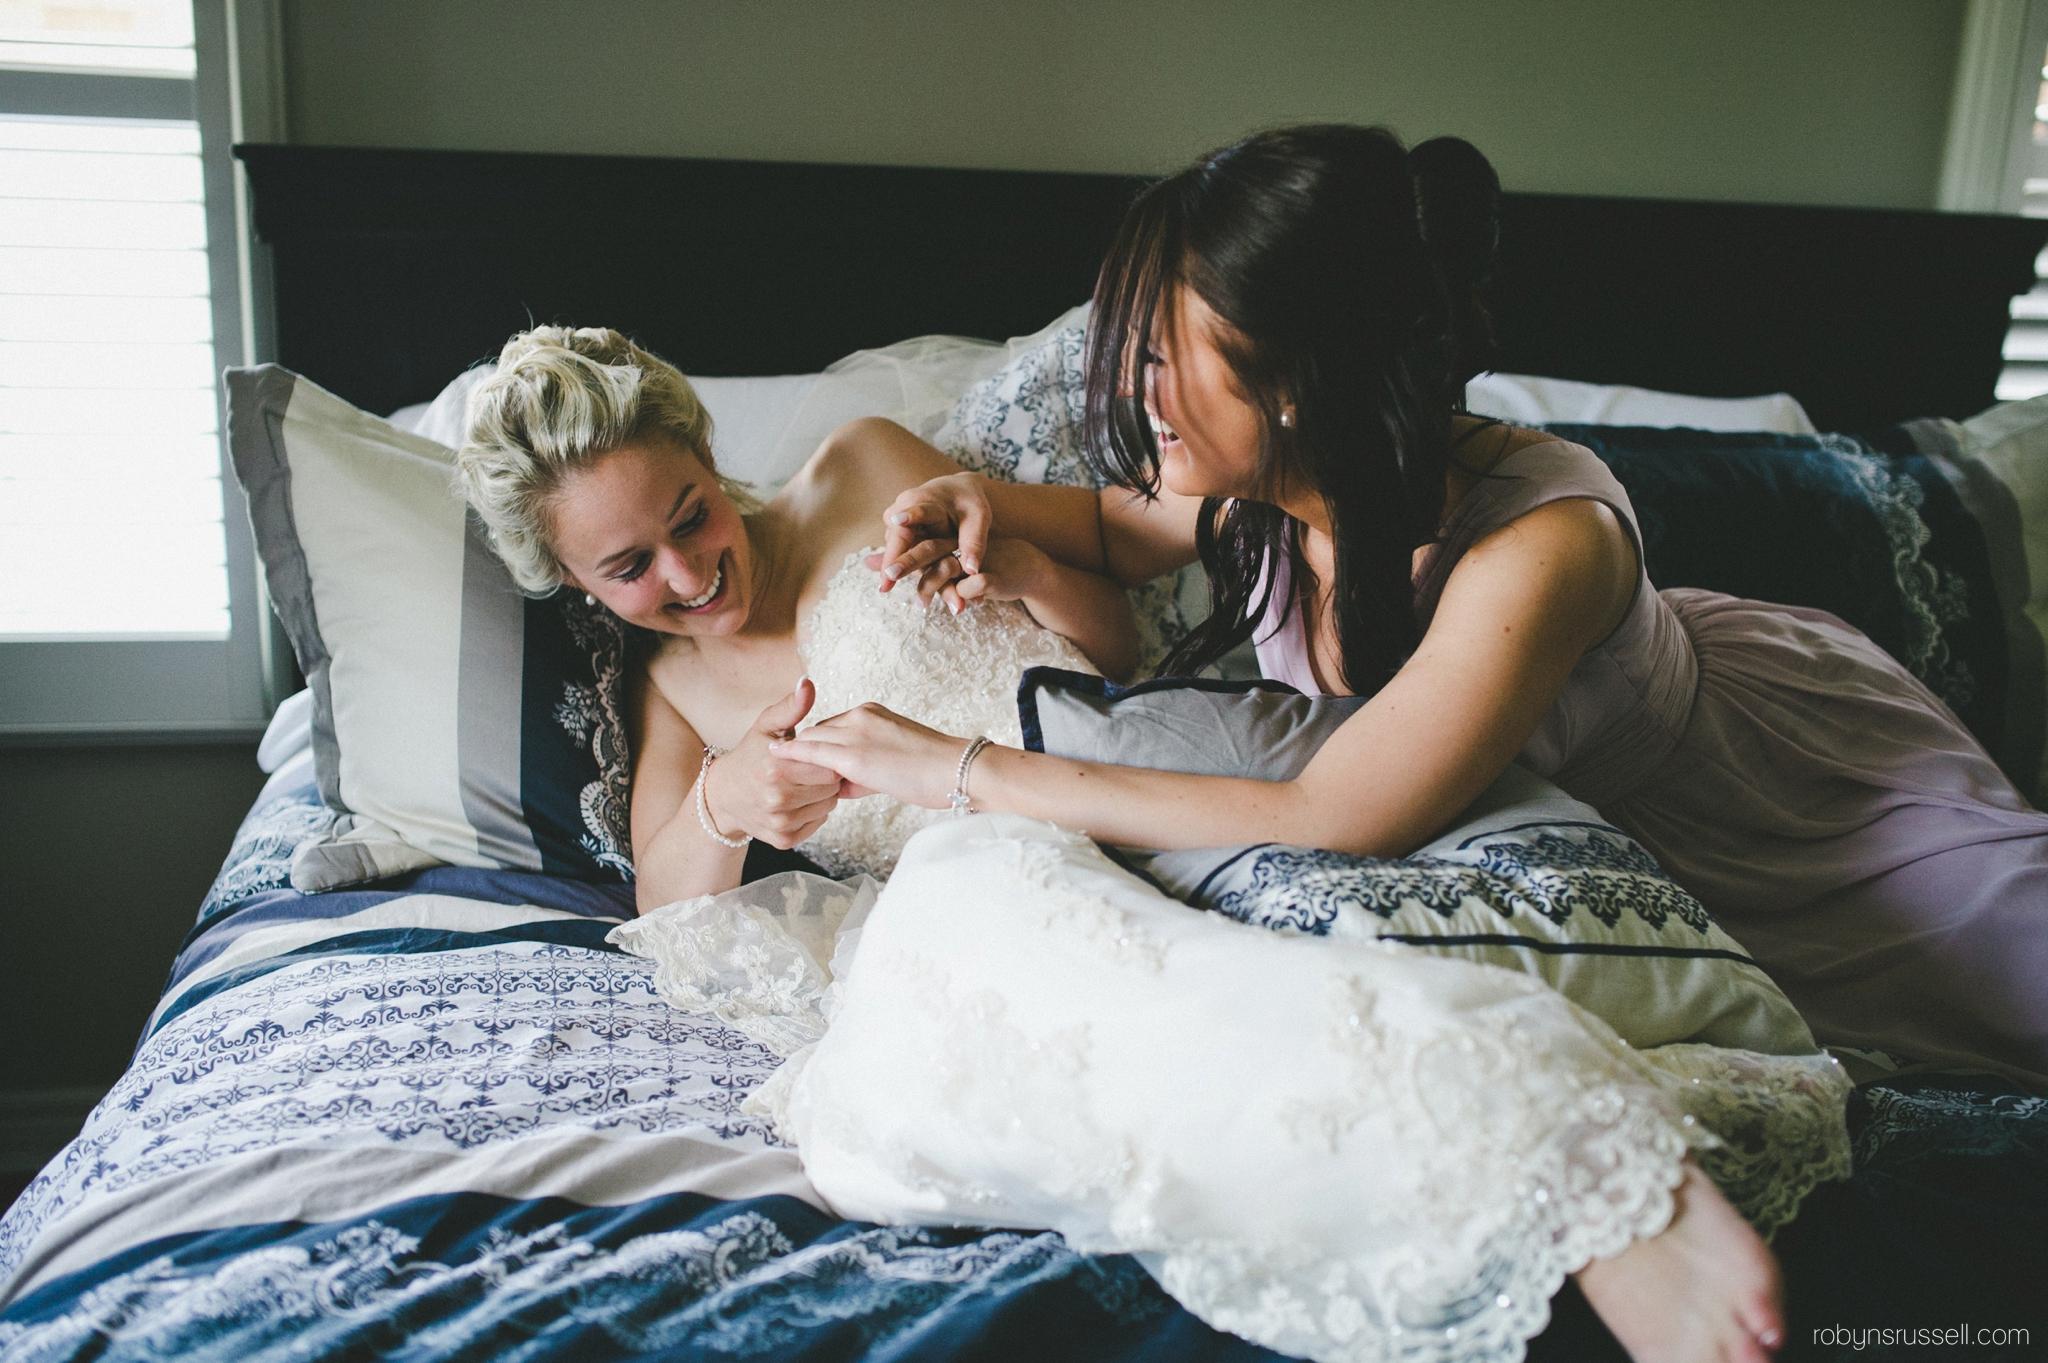 17-bride-and-sister-having-fun.jpg